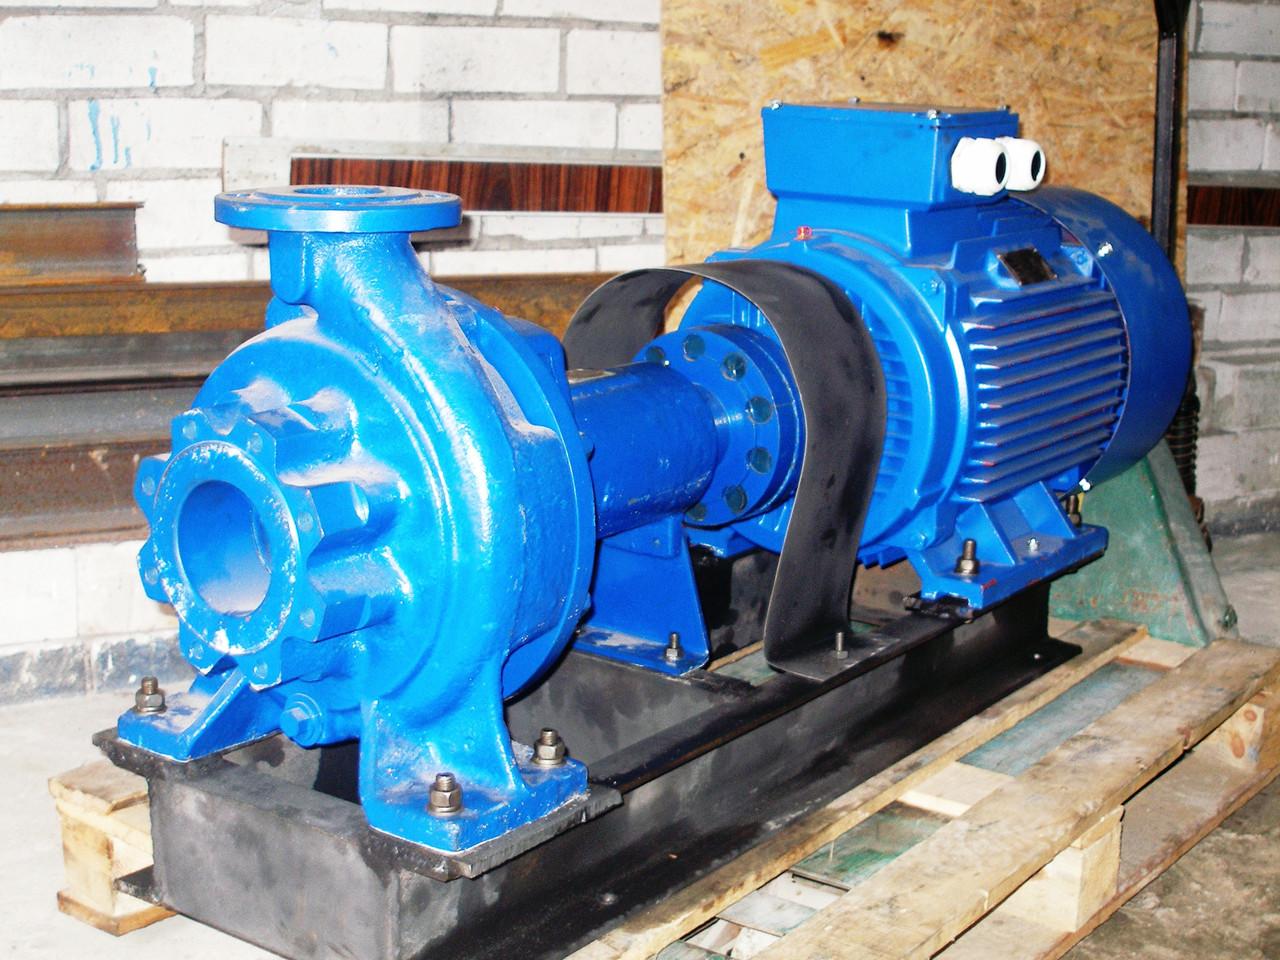 Насос консольный К 150-125 -250 с эл.двиг. 18.5 кВт/1500 обмин